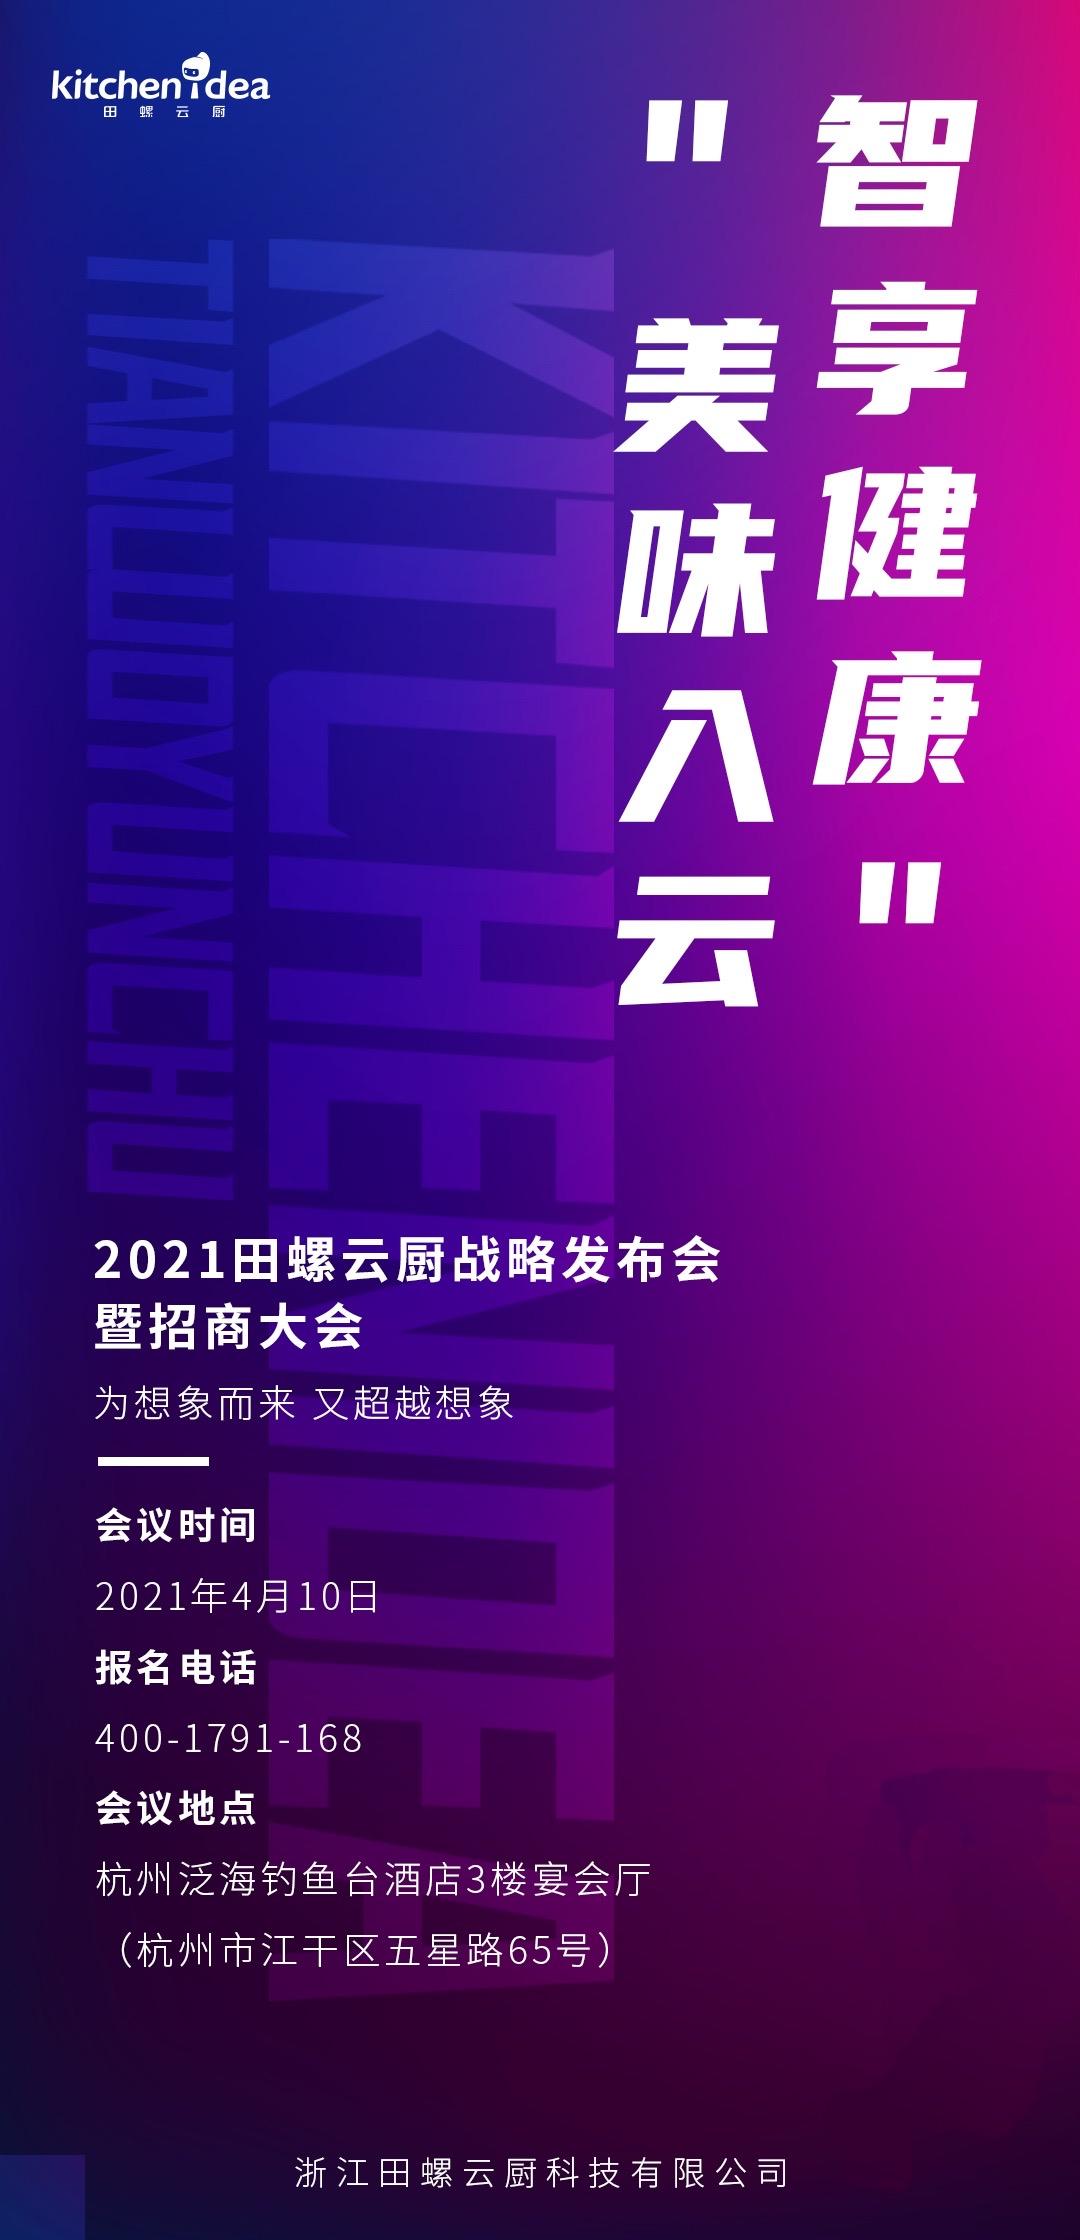 还有3天!2021田螺云厨战略发布会暨招商大会带来厨电商机